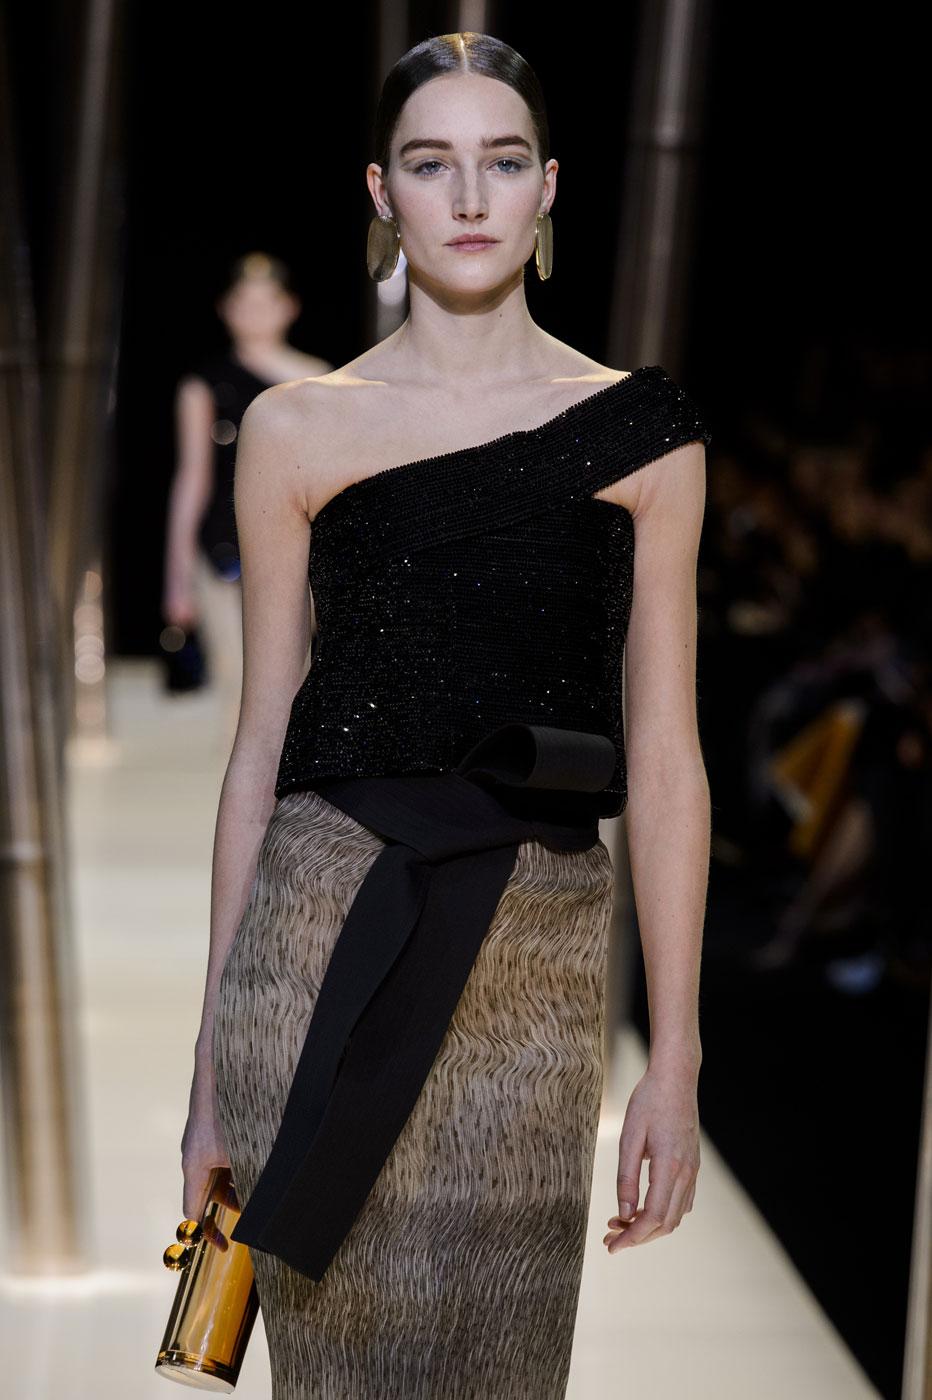 Giorgio-armani-Prive-fashion-runway-show-haute-couture-paris-spring-2015-the-impression-088